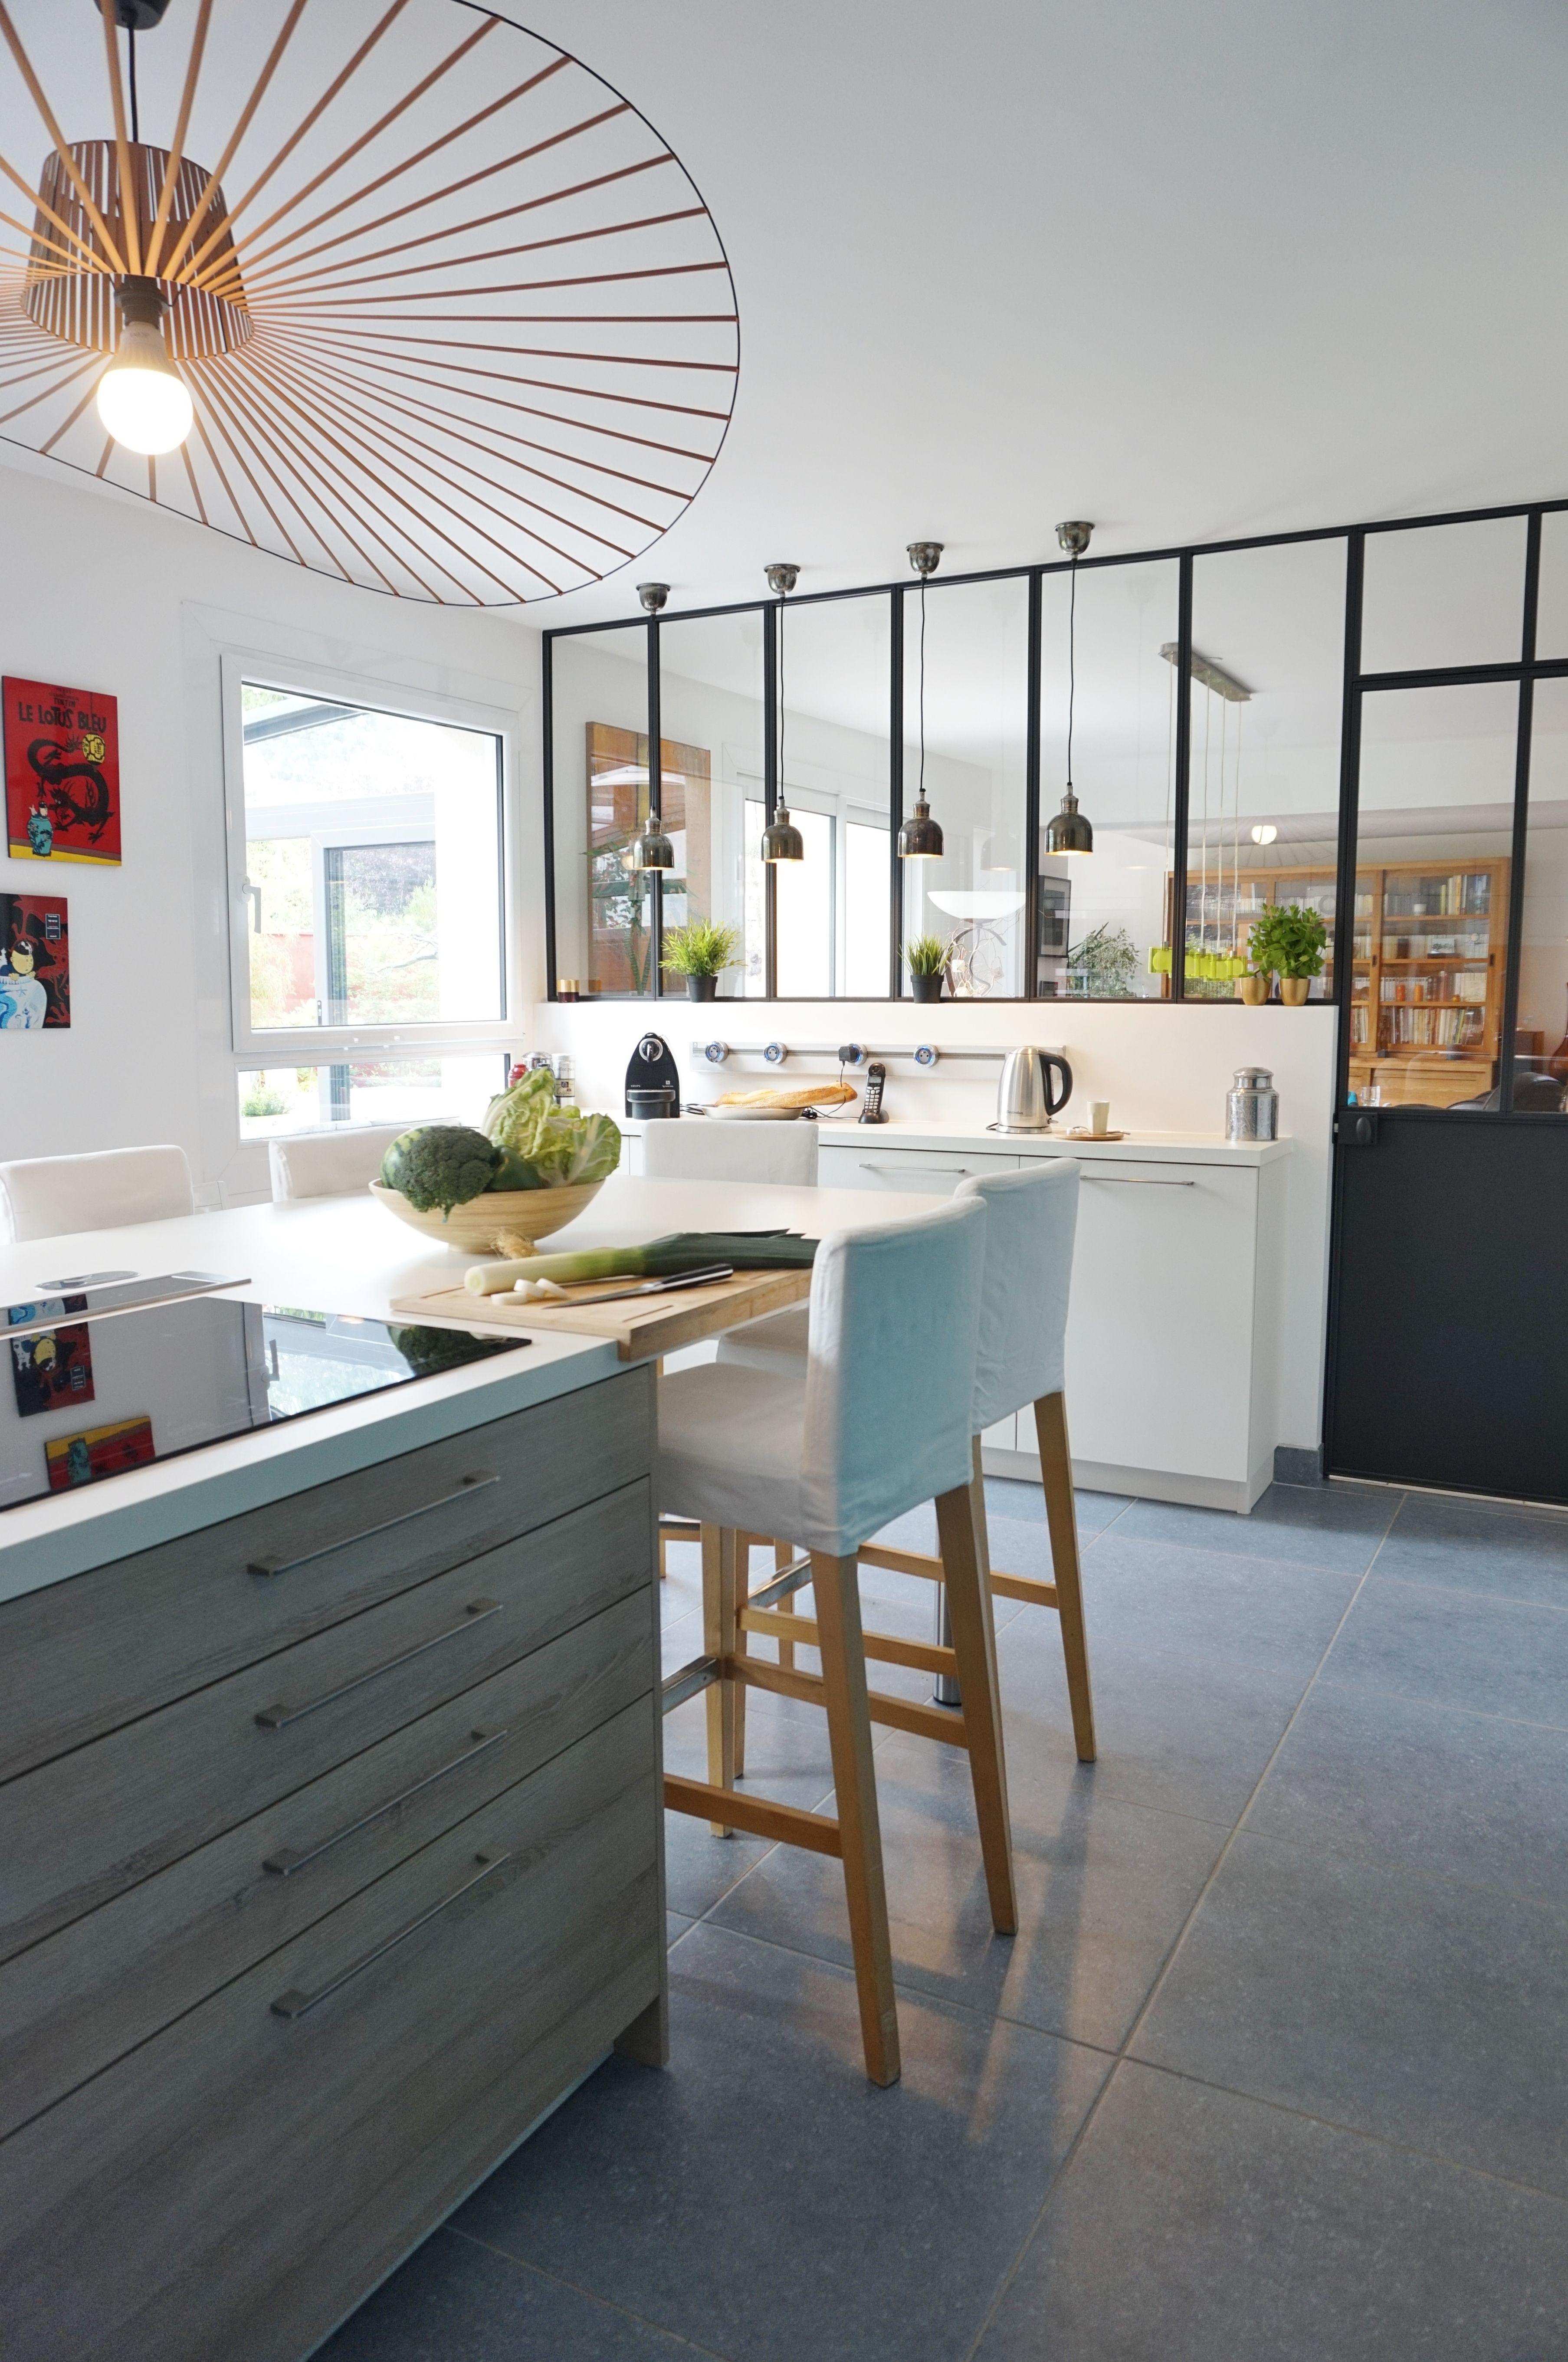 Cuisine Bar Avec Verri Re Am Nag E Par L Agence D Architecture Adc L